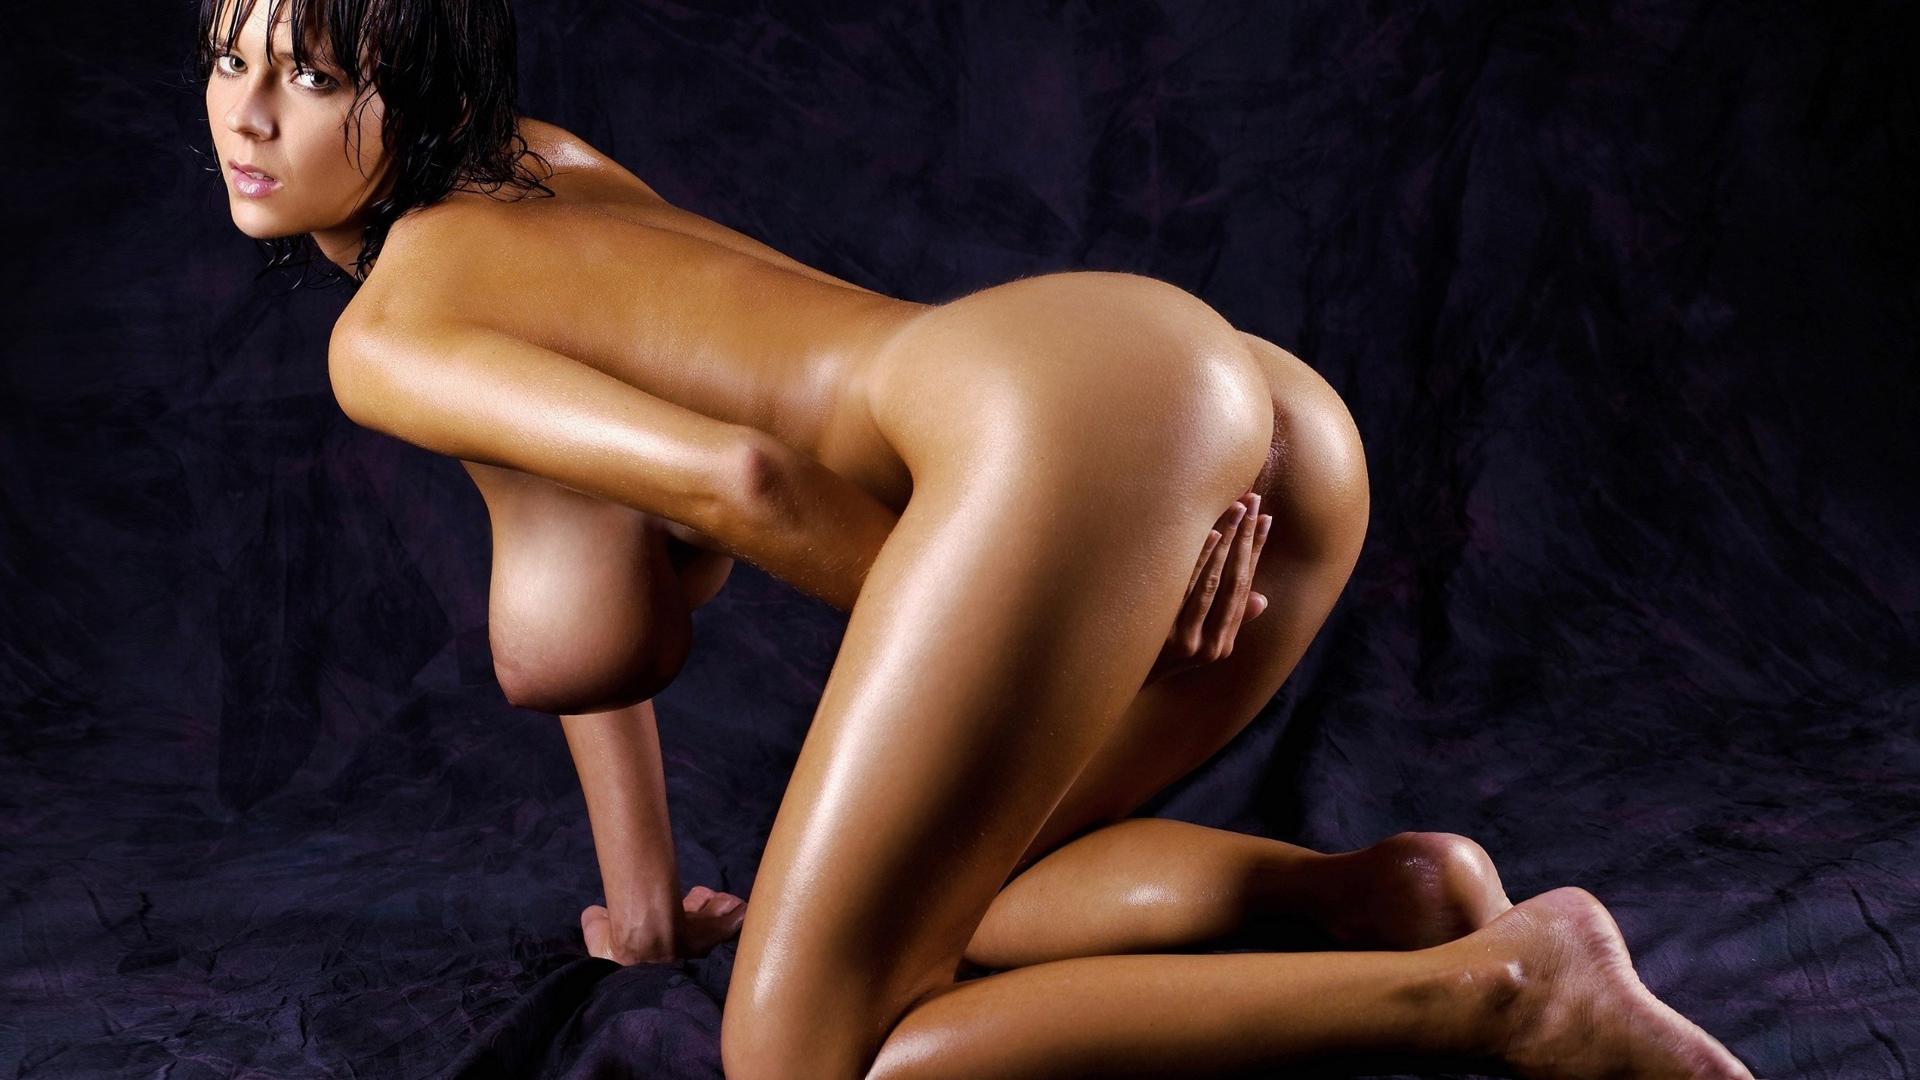 голые девушки в душе в масле фото с графикой hd